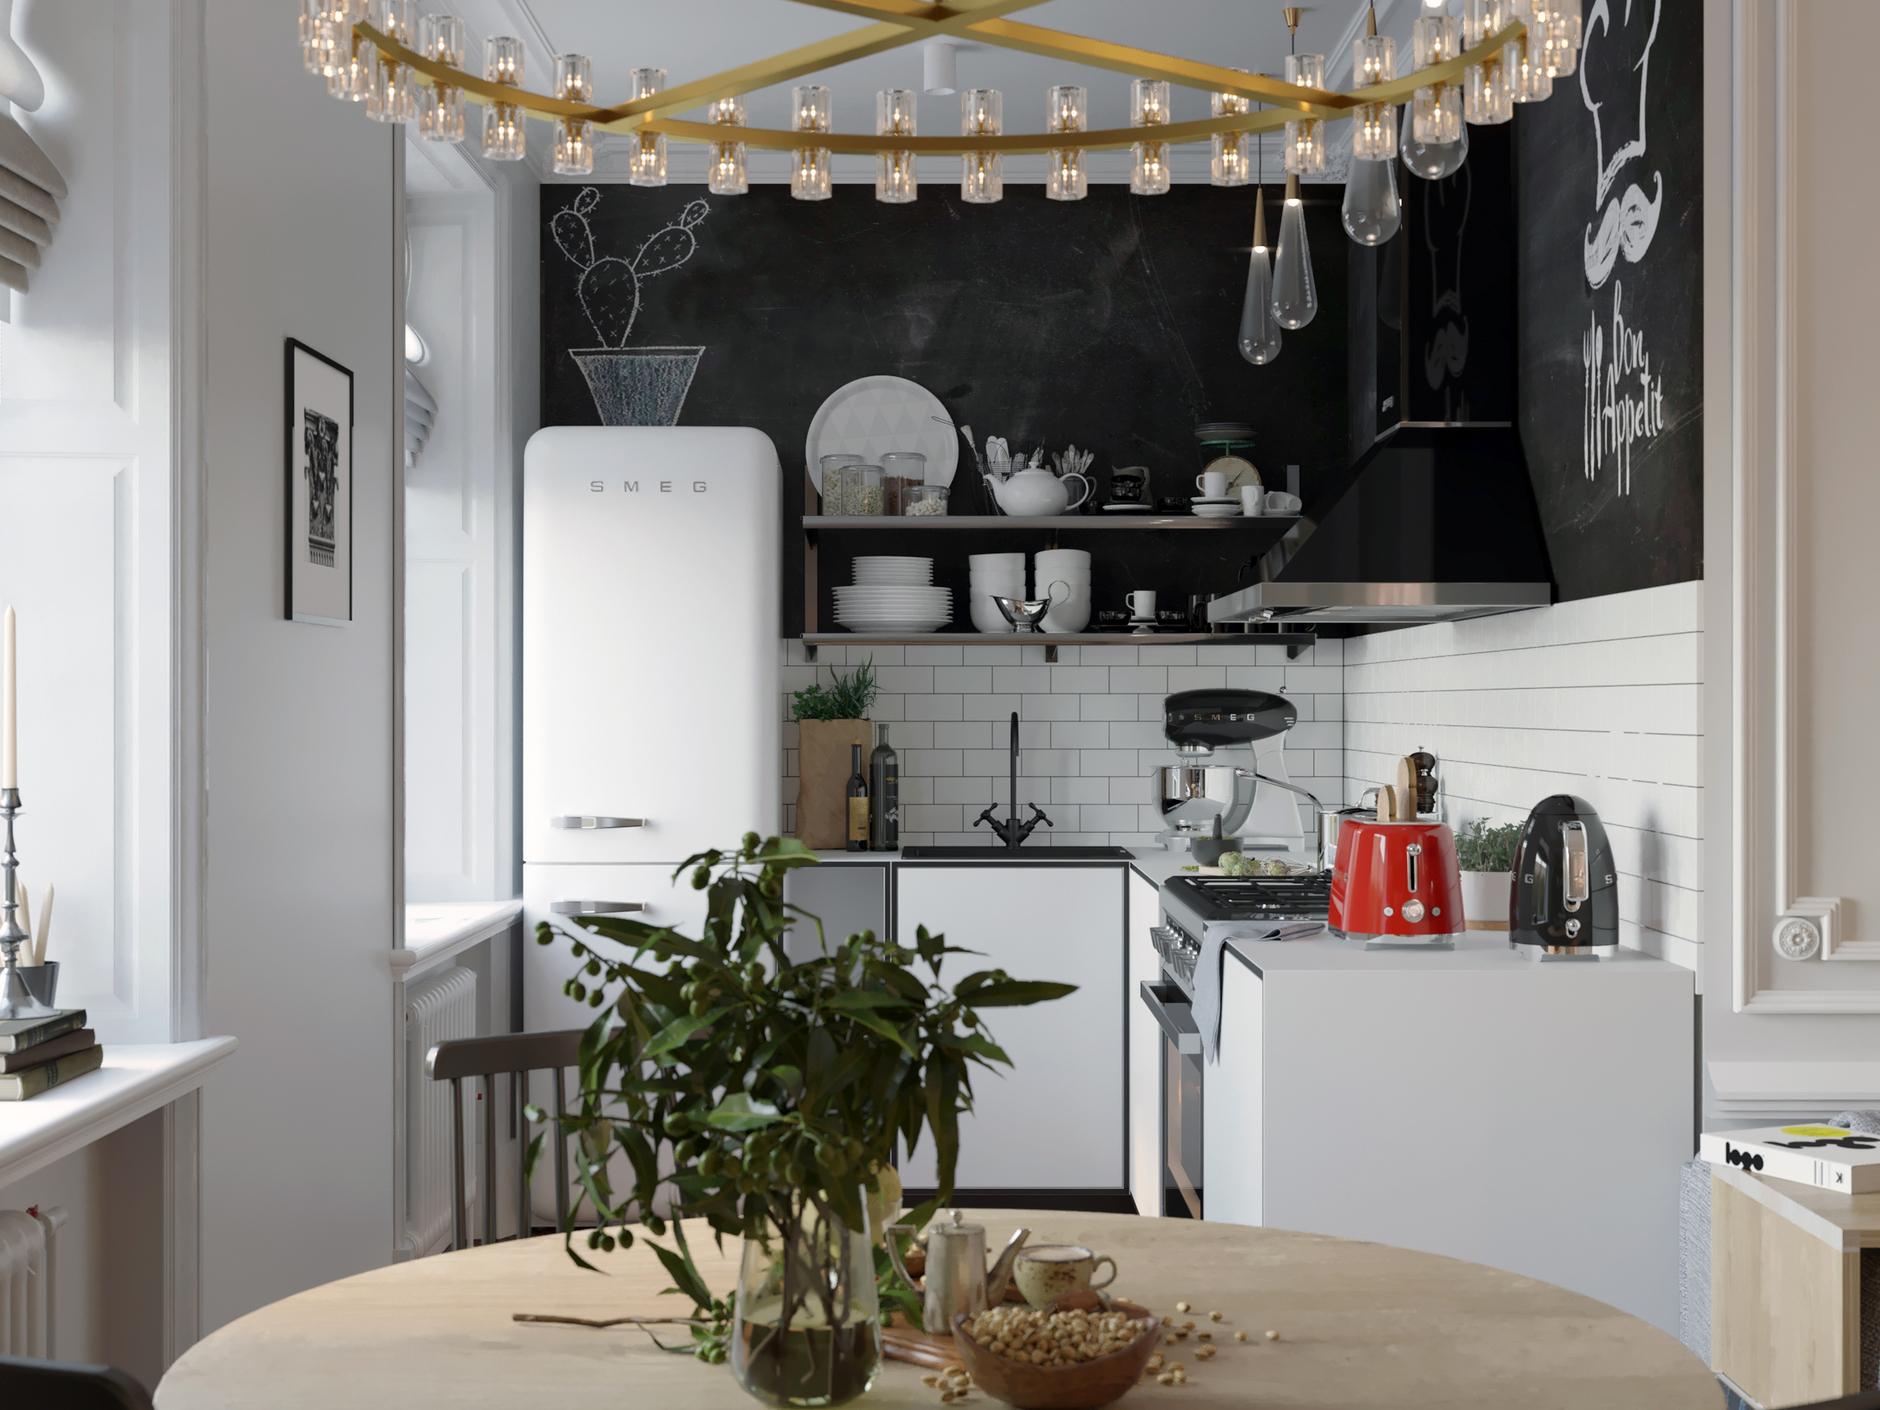 «Кухня в стиле Smeg»: итоги конкурса (галерея 5, фото 3)